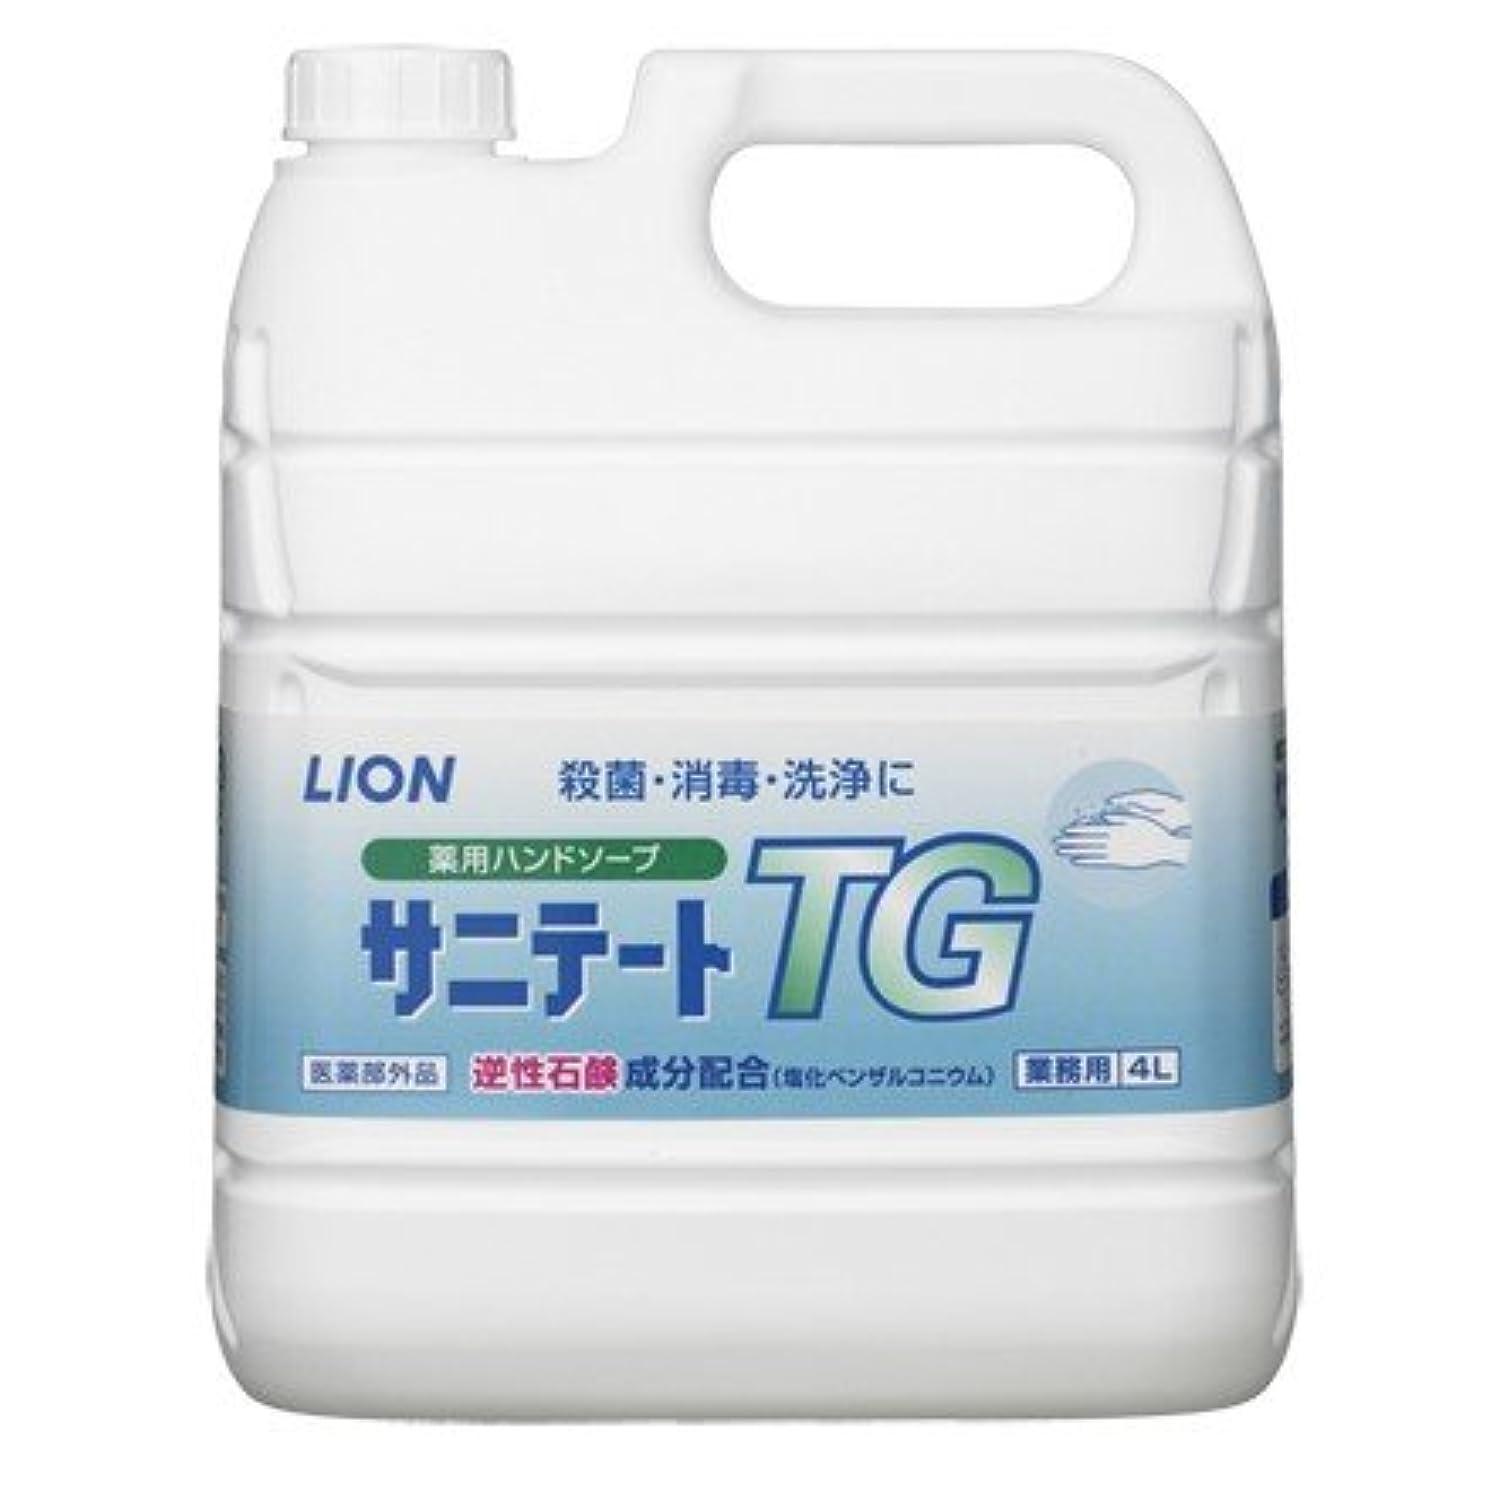 真珠のような可塑性特定のライオン 薬用ハンドソープ サニテートTG 希釈タイプ(逆性石鹸)4L×2本入